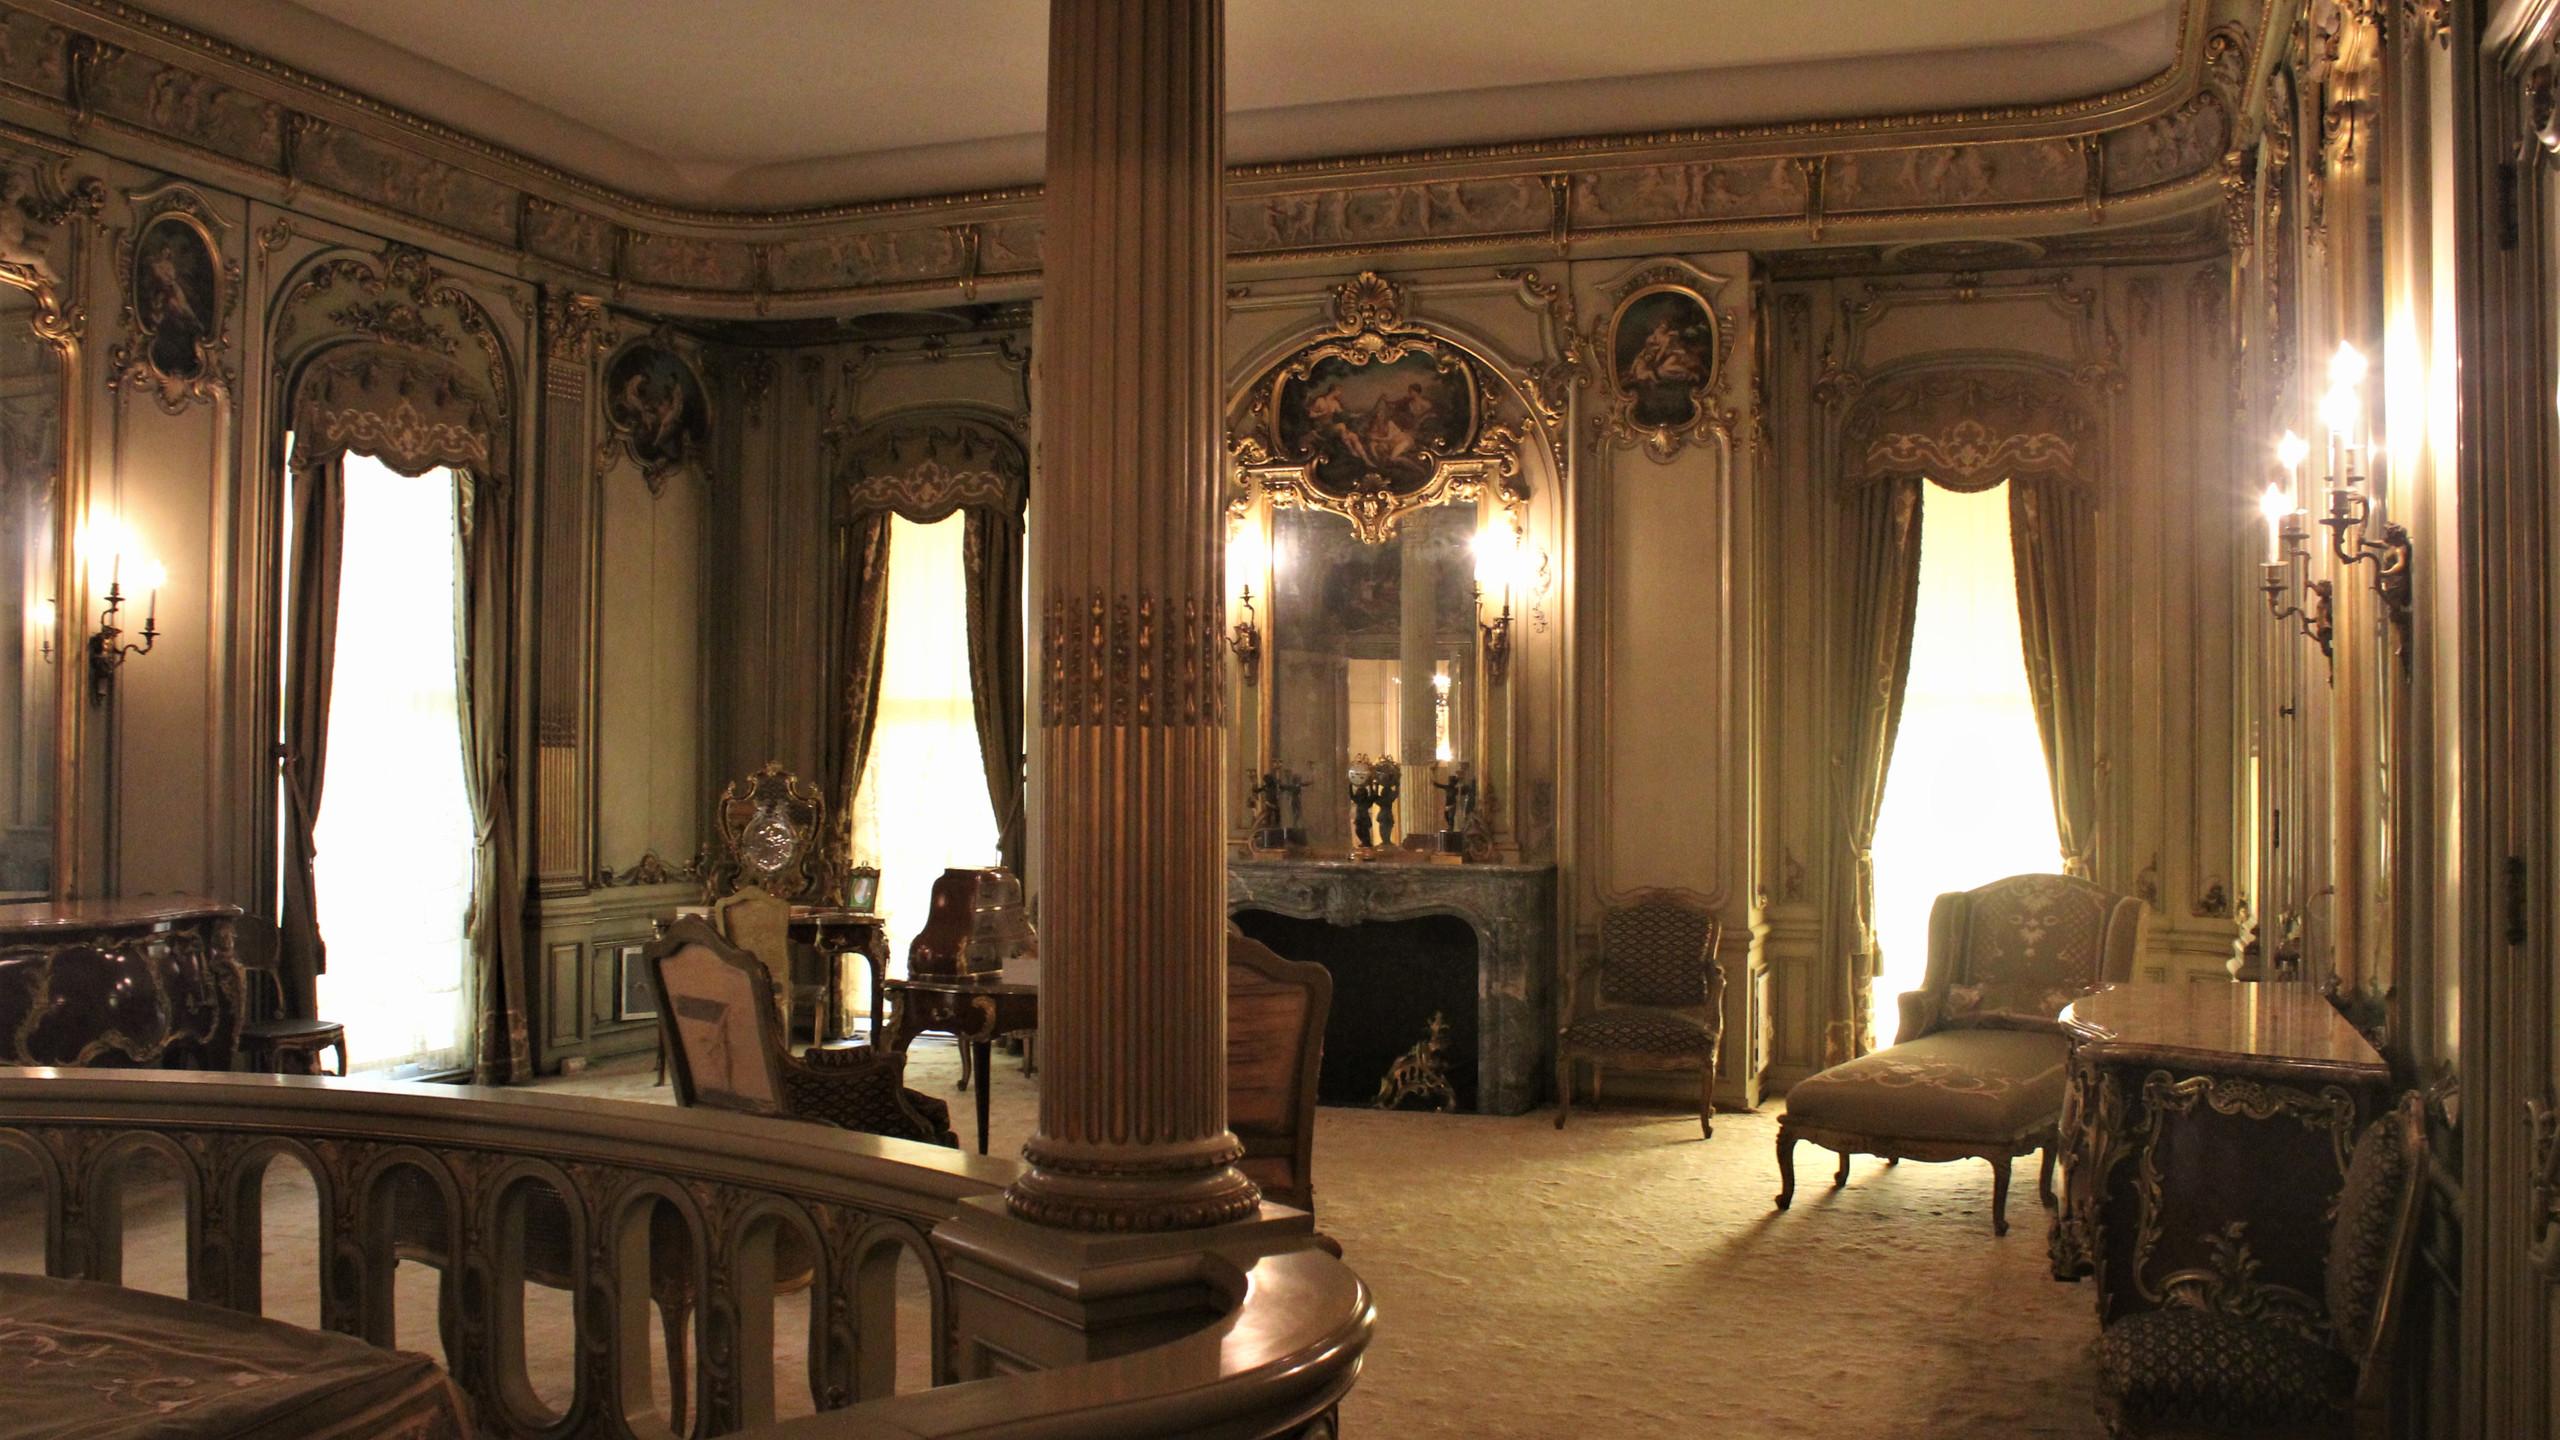 Mrs. Vanderbilt's Room